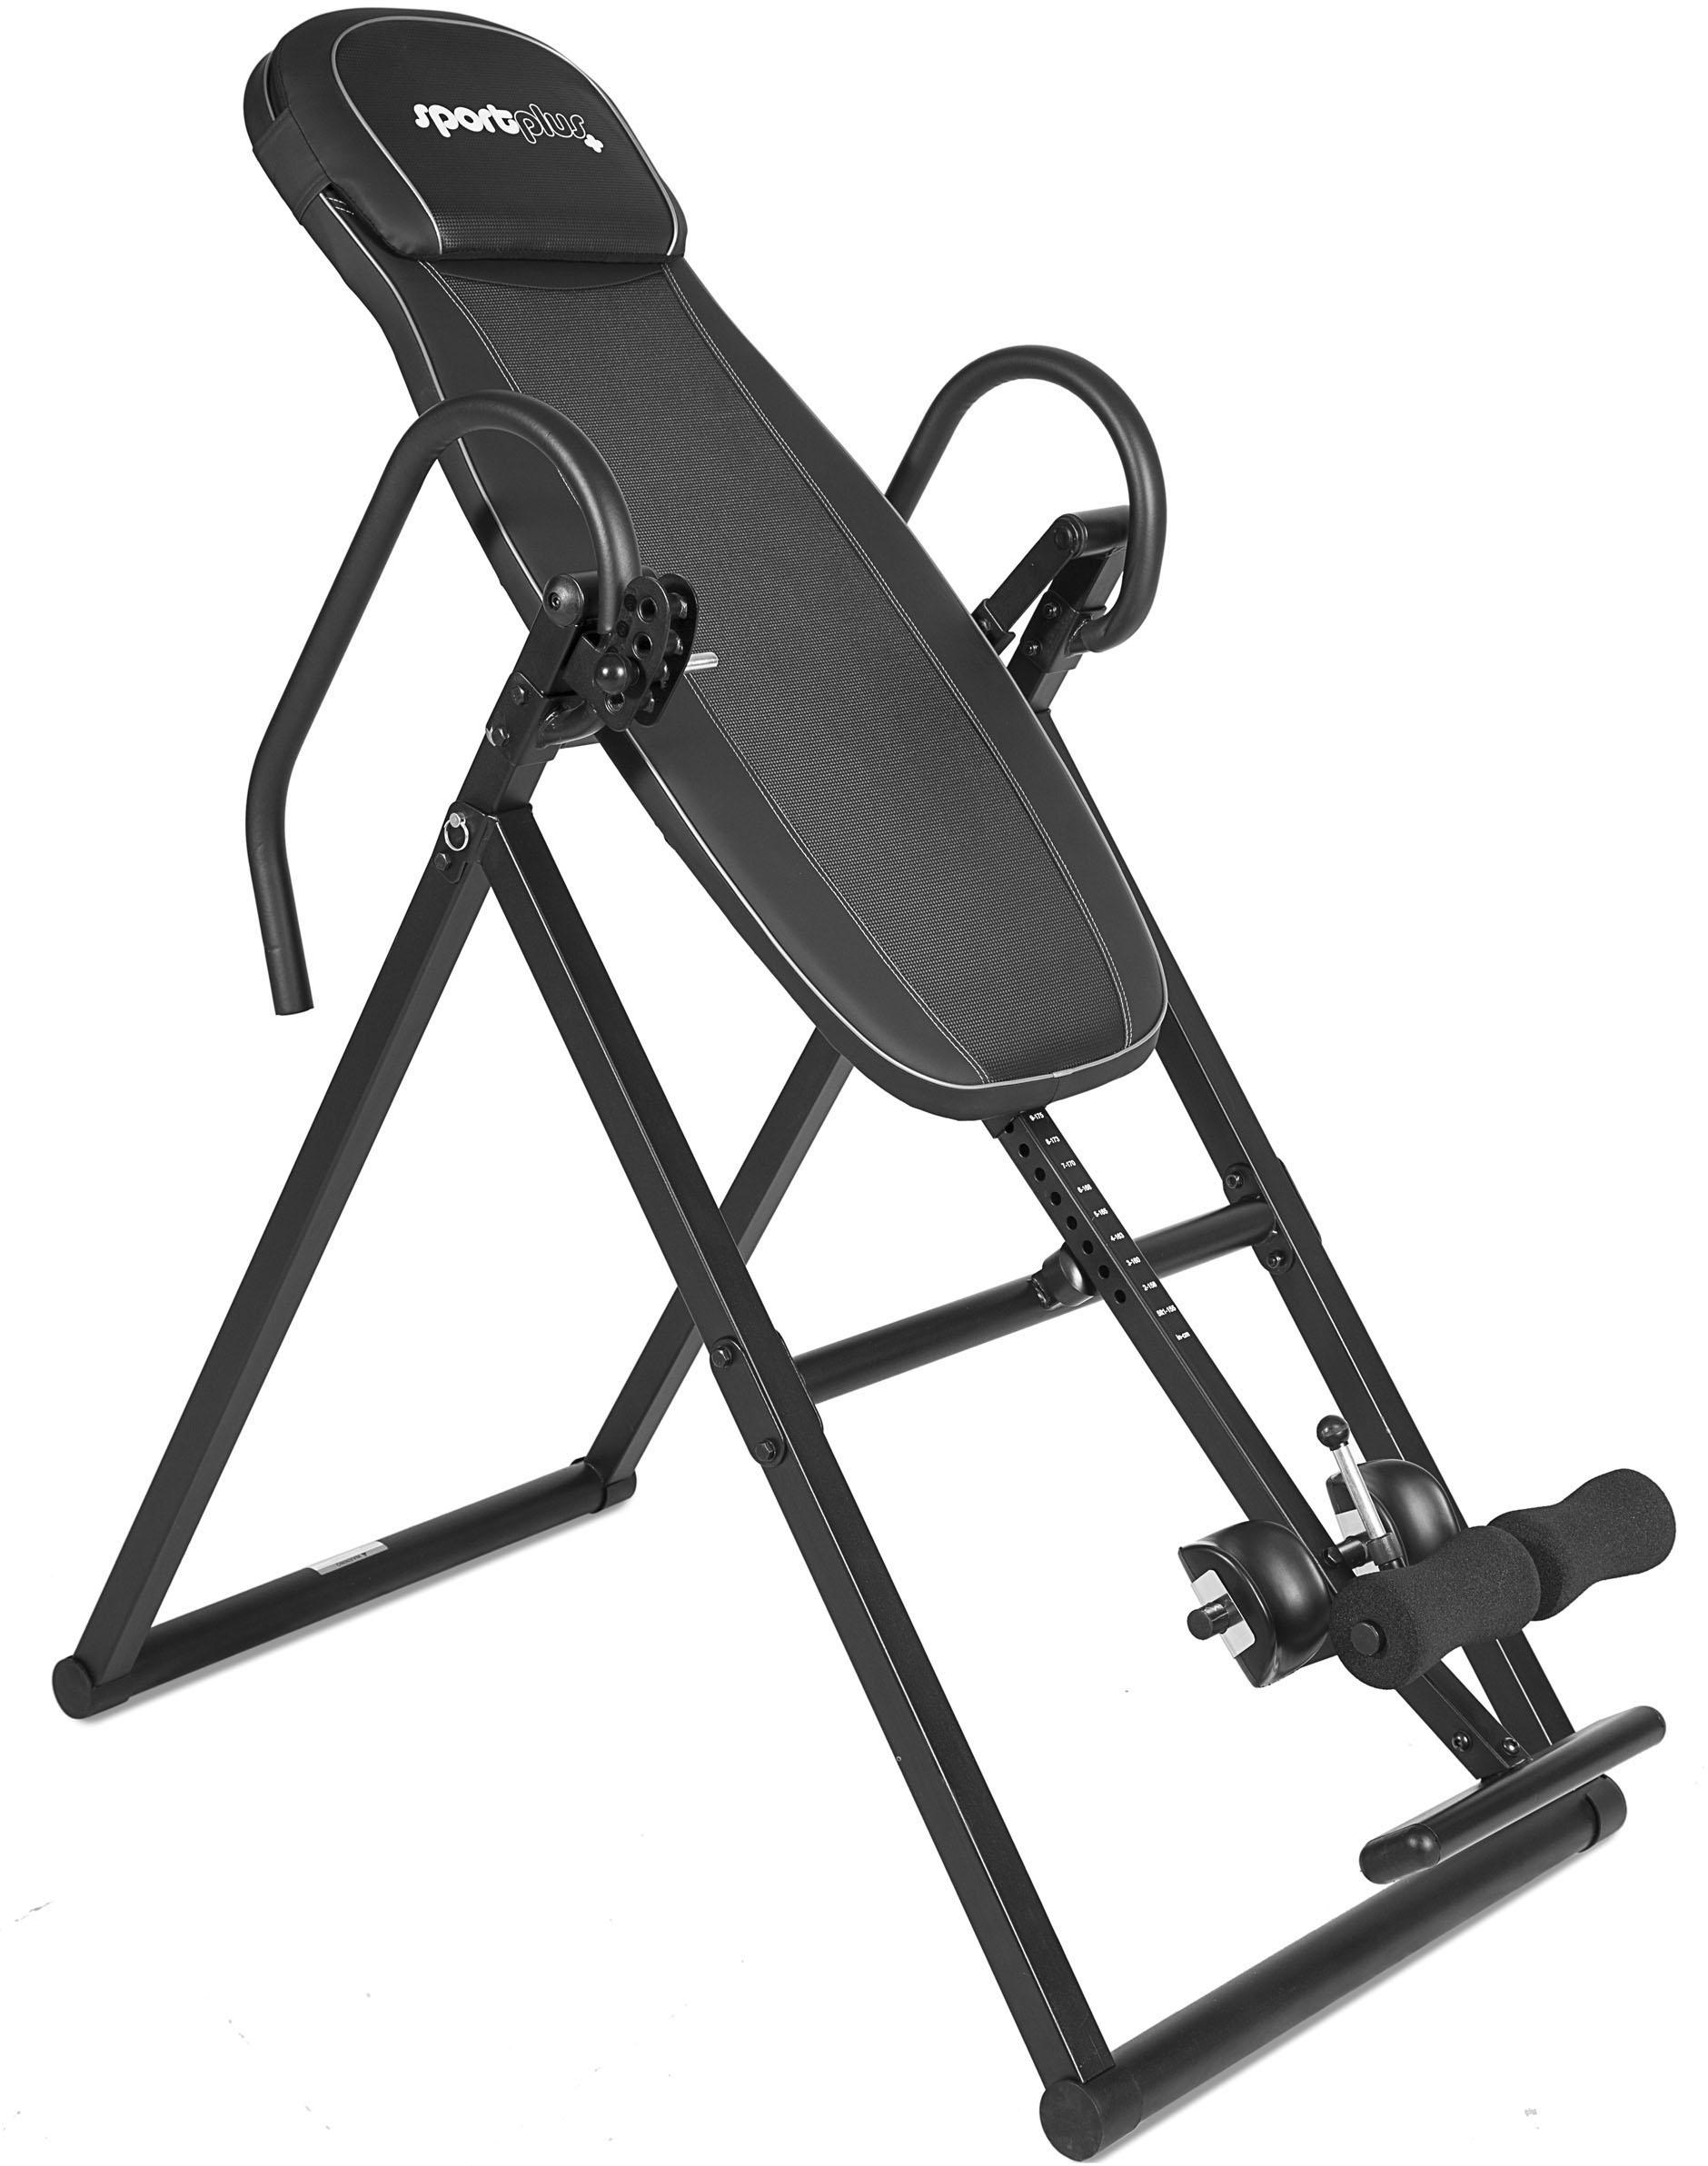 SportPlus Trainingsbank SP-INV-010-B schwarz Fitness Ausrüstung Sportarten